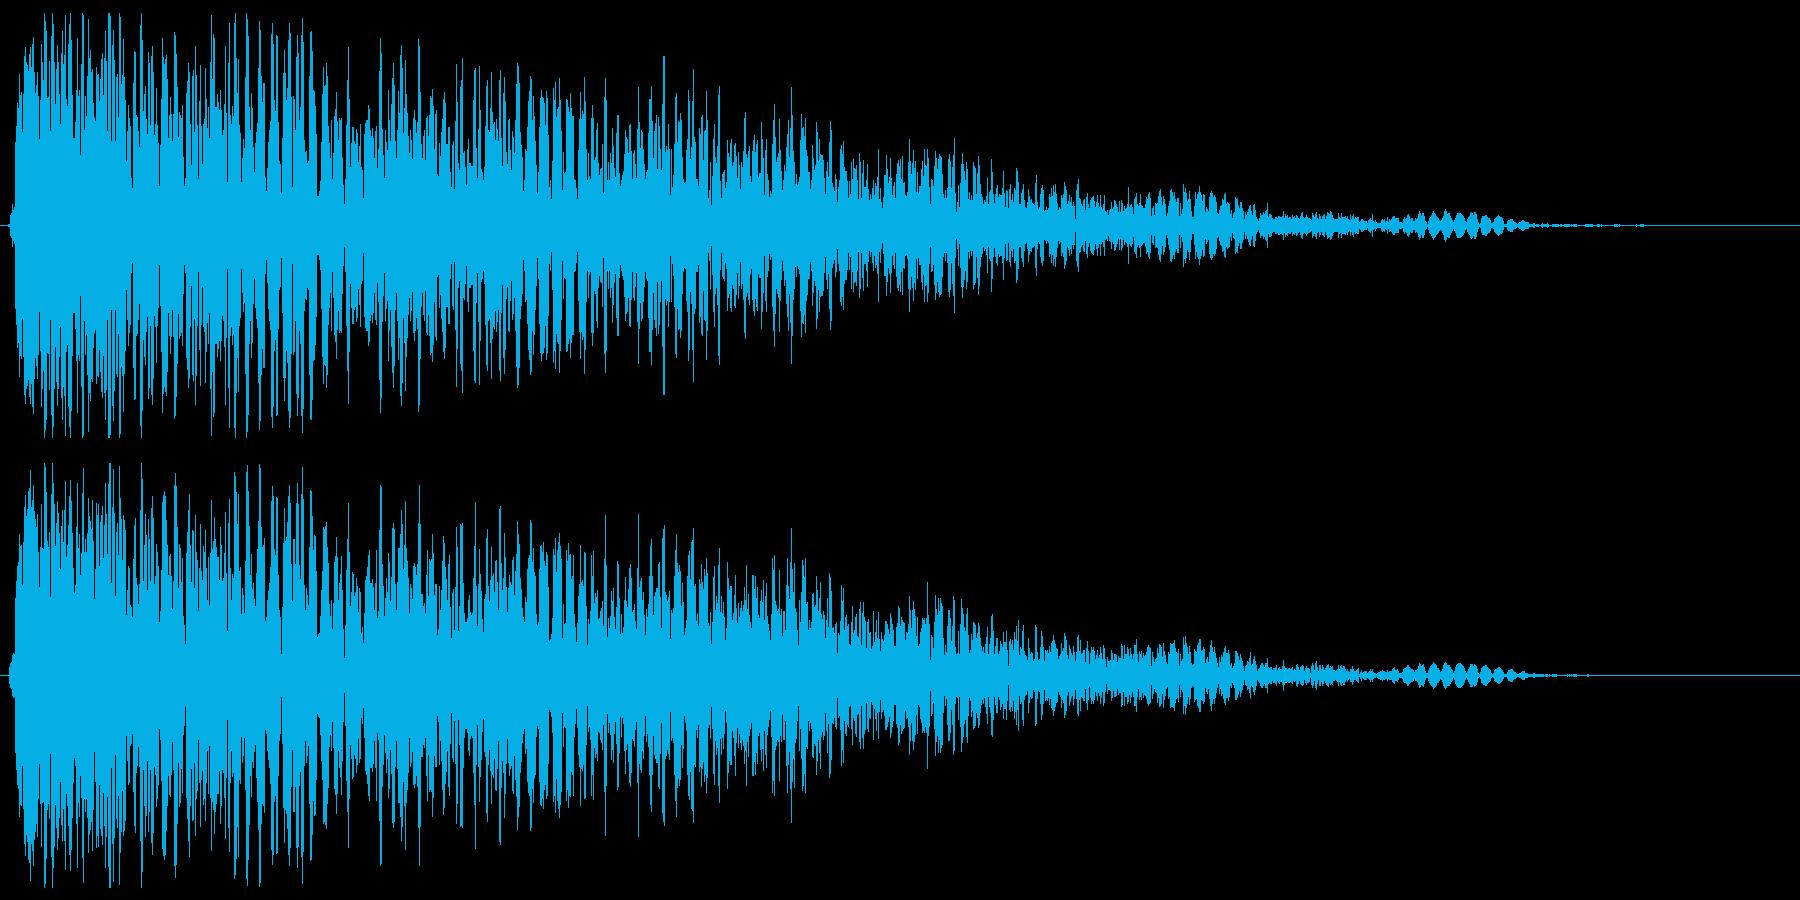 銃声音と余韻がある音の再生済みの波形